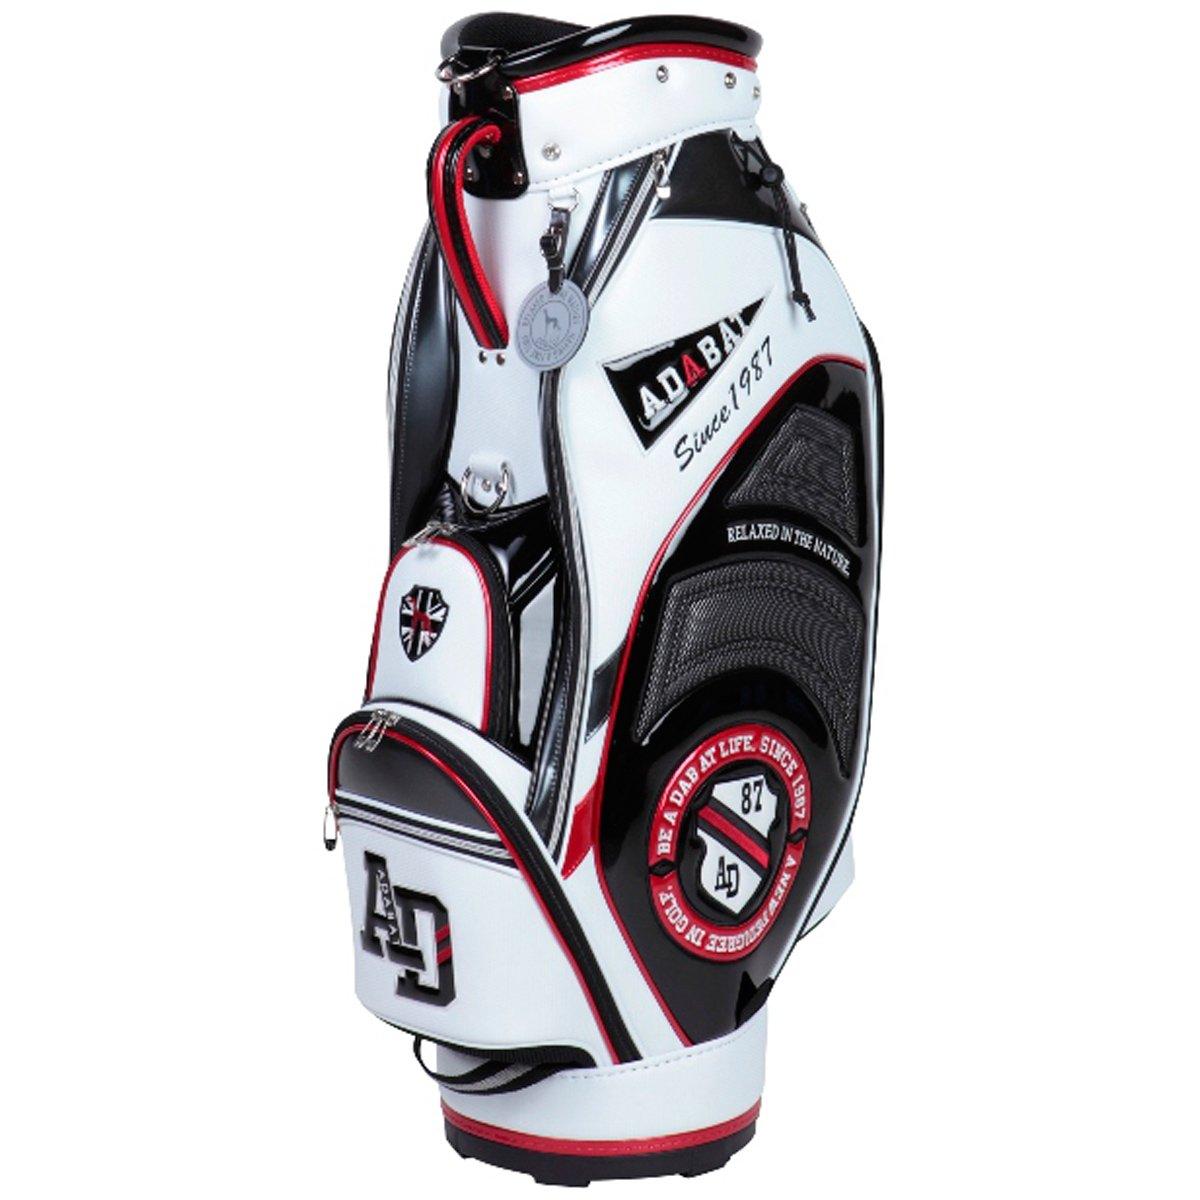 アダバット(Adabat) メンズ ゴルフ キャディバッグ (ABC303WG) ホワイトXブラック 9 B077XFRSX2